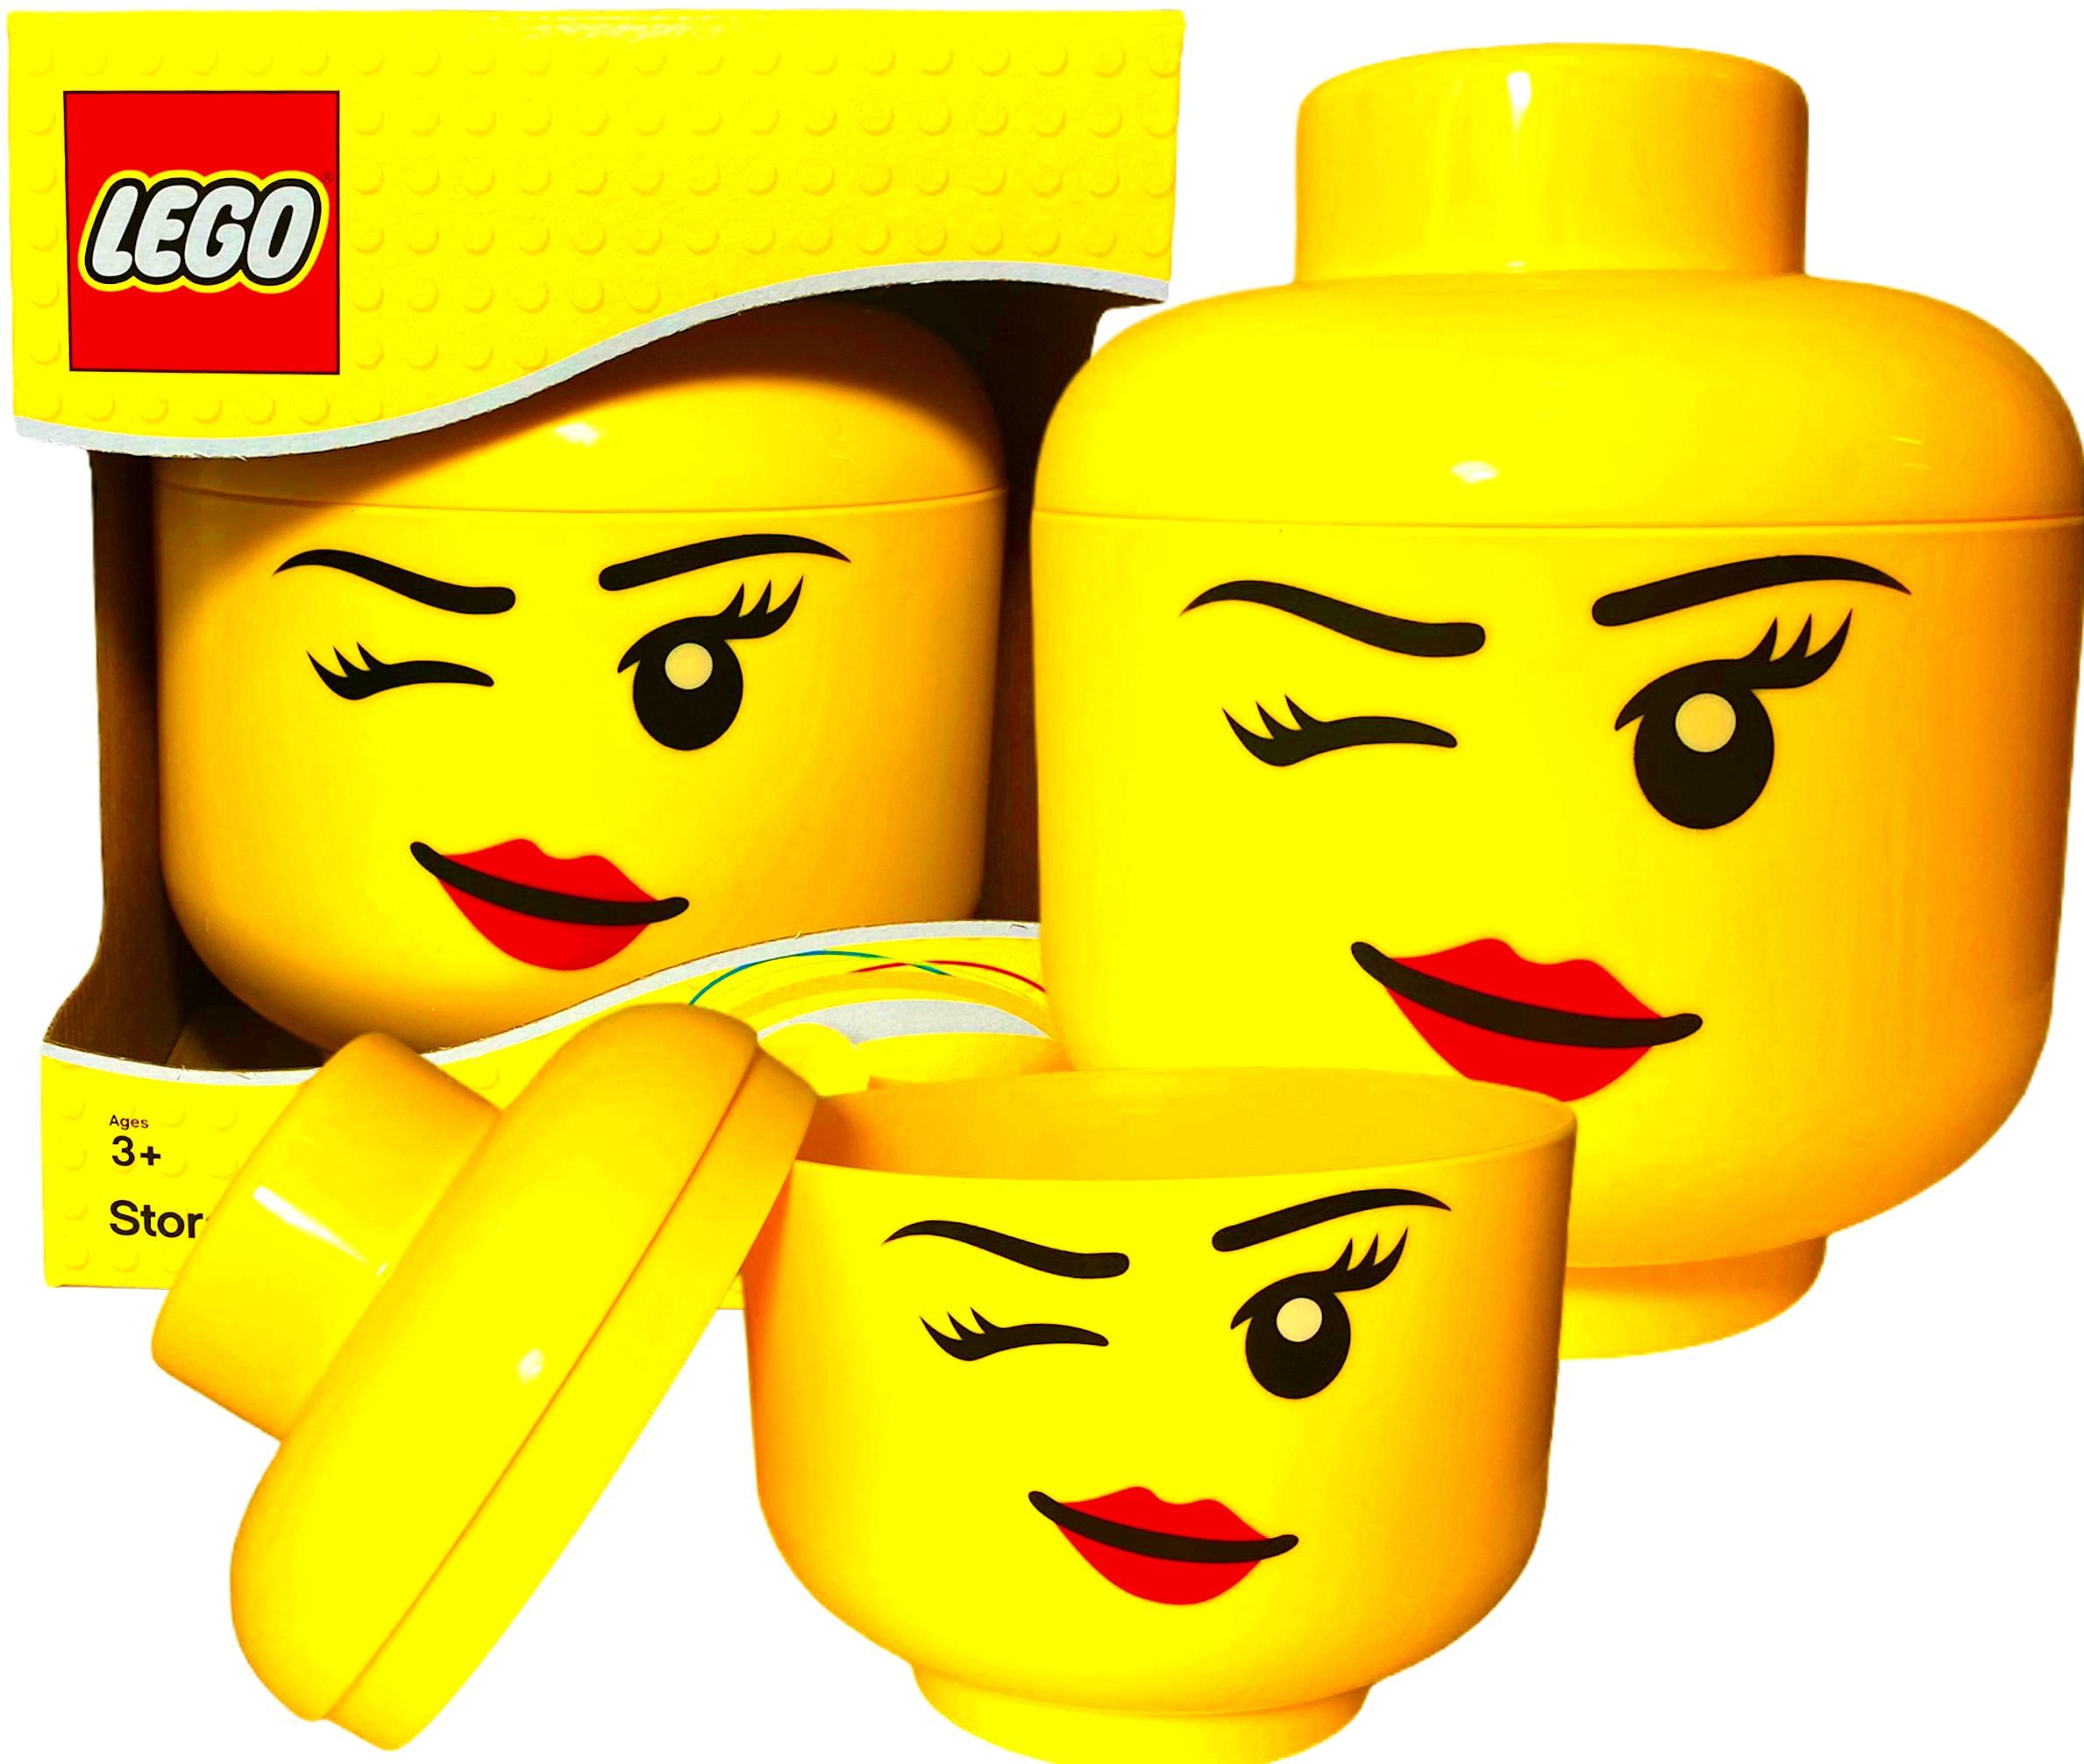 Pojemnik Lego głowa whinky mrugające oczko Duzy L